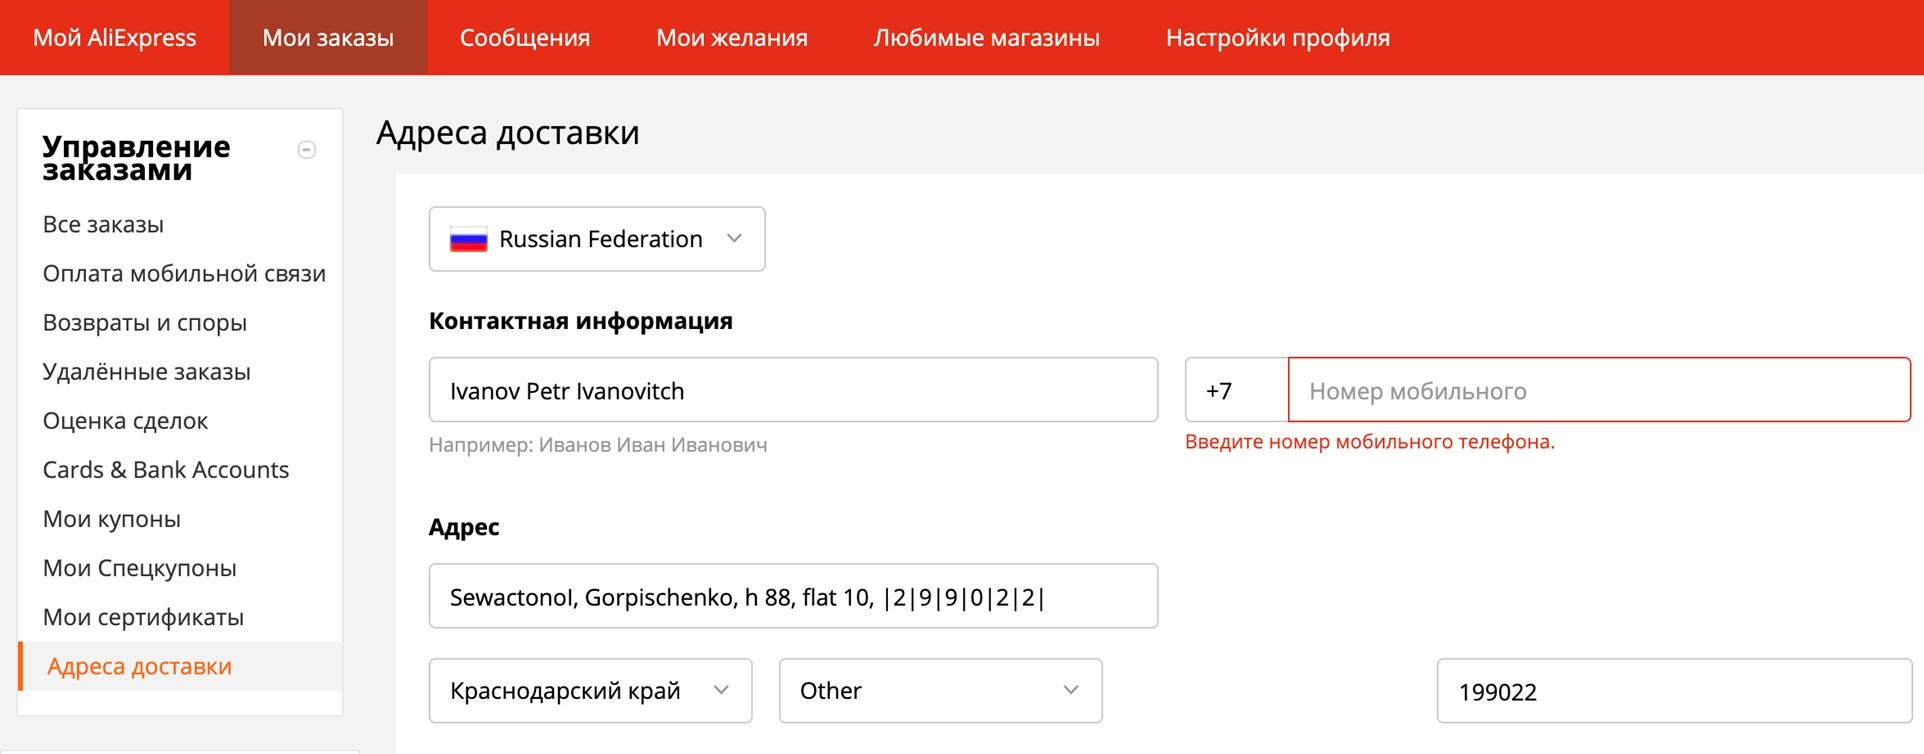 Пример правильного заполнения адреса